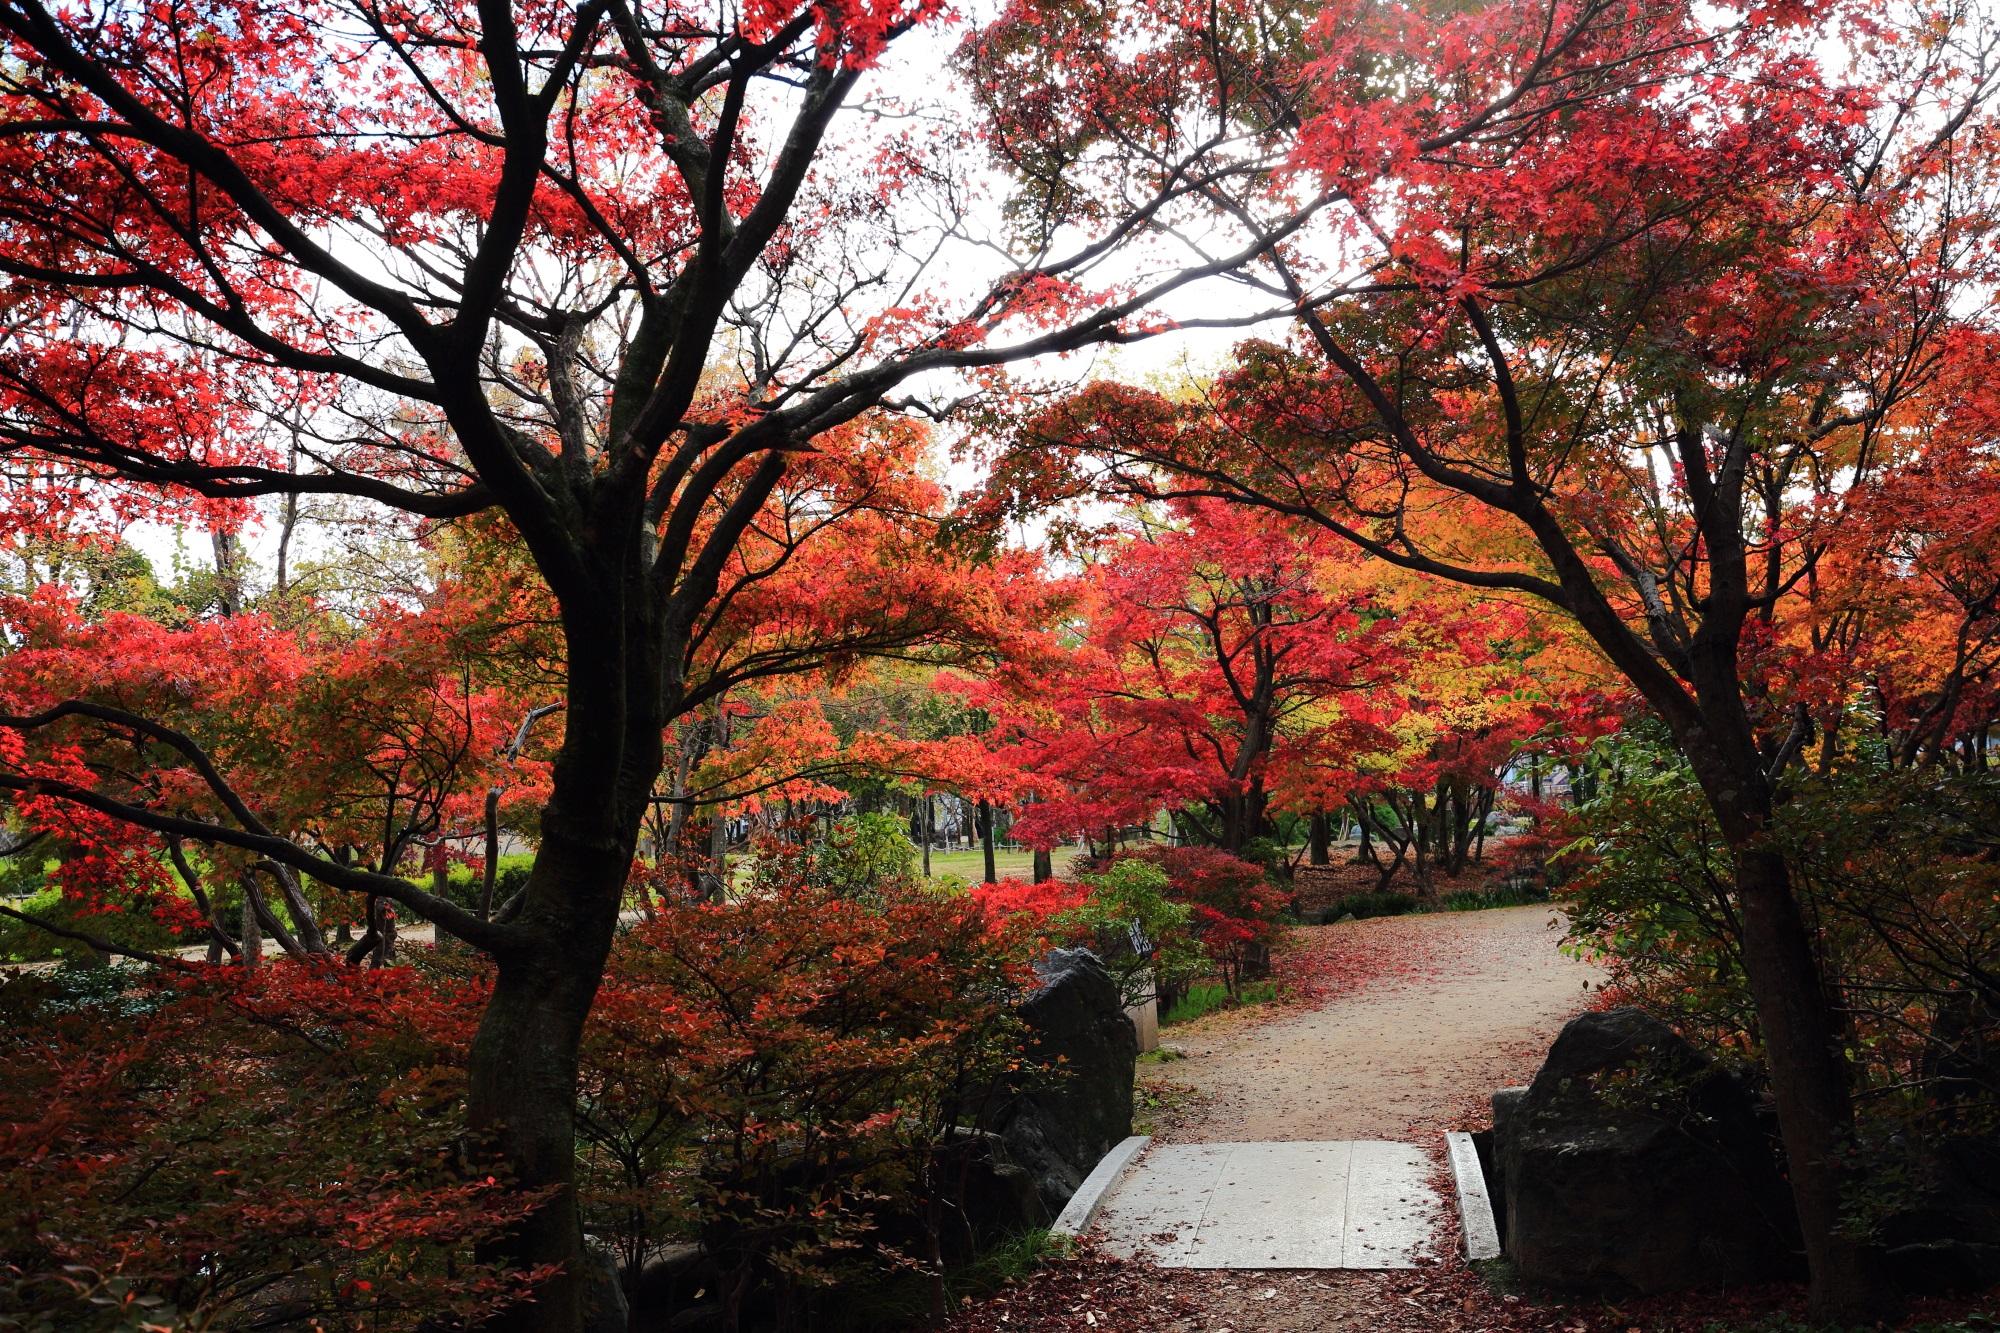 見ごろの紅葉につつまれた梅小路公園(うめこうじこうえん)